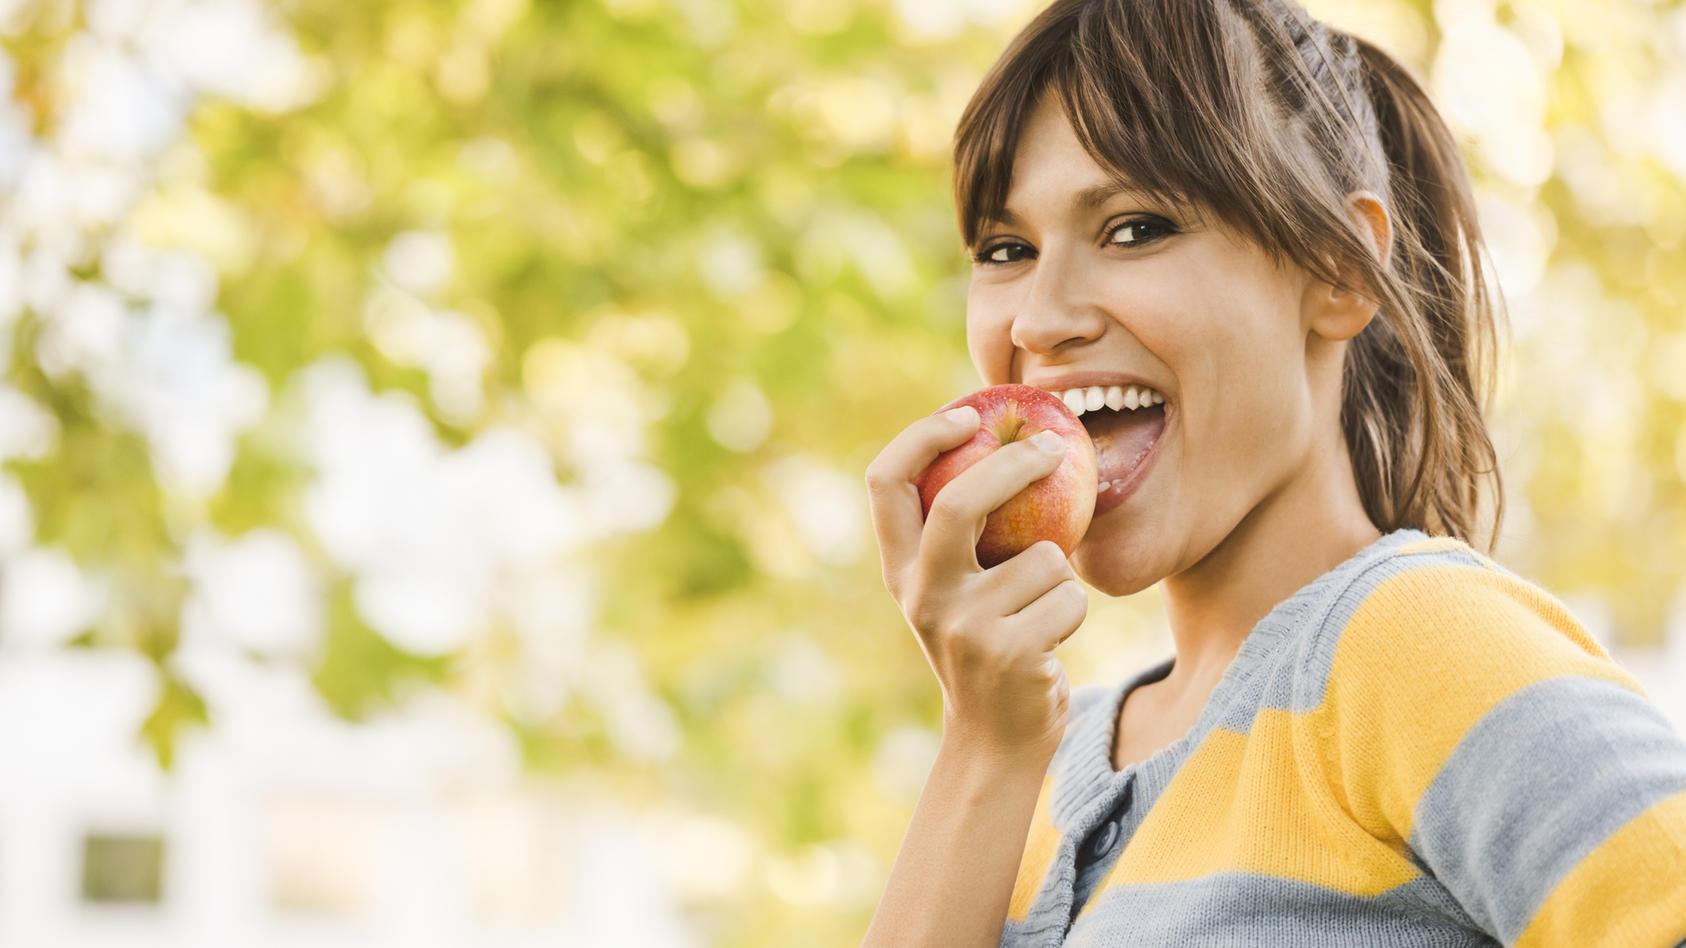 Äpfel stecken voller gesunder Vitamine und sollten auf unserer täglichen Essensliste stehen.